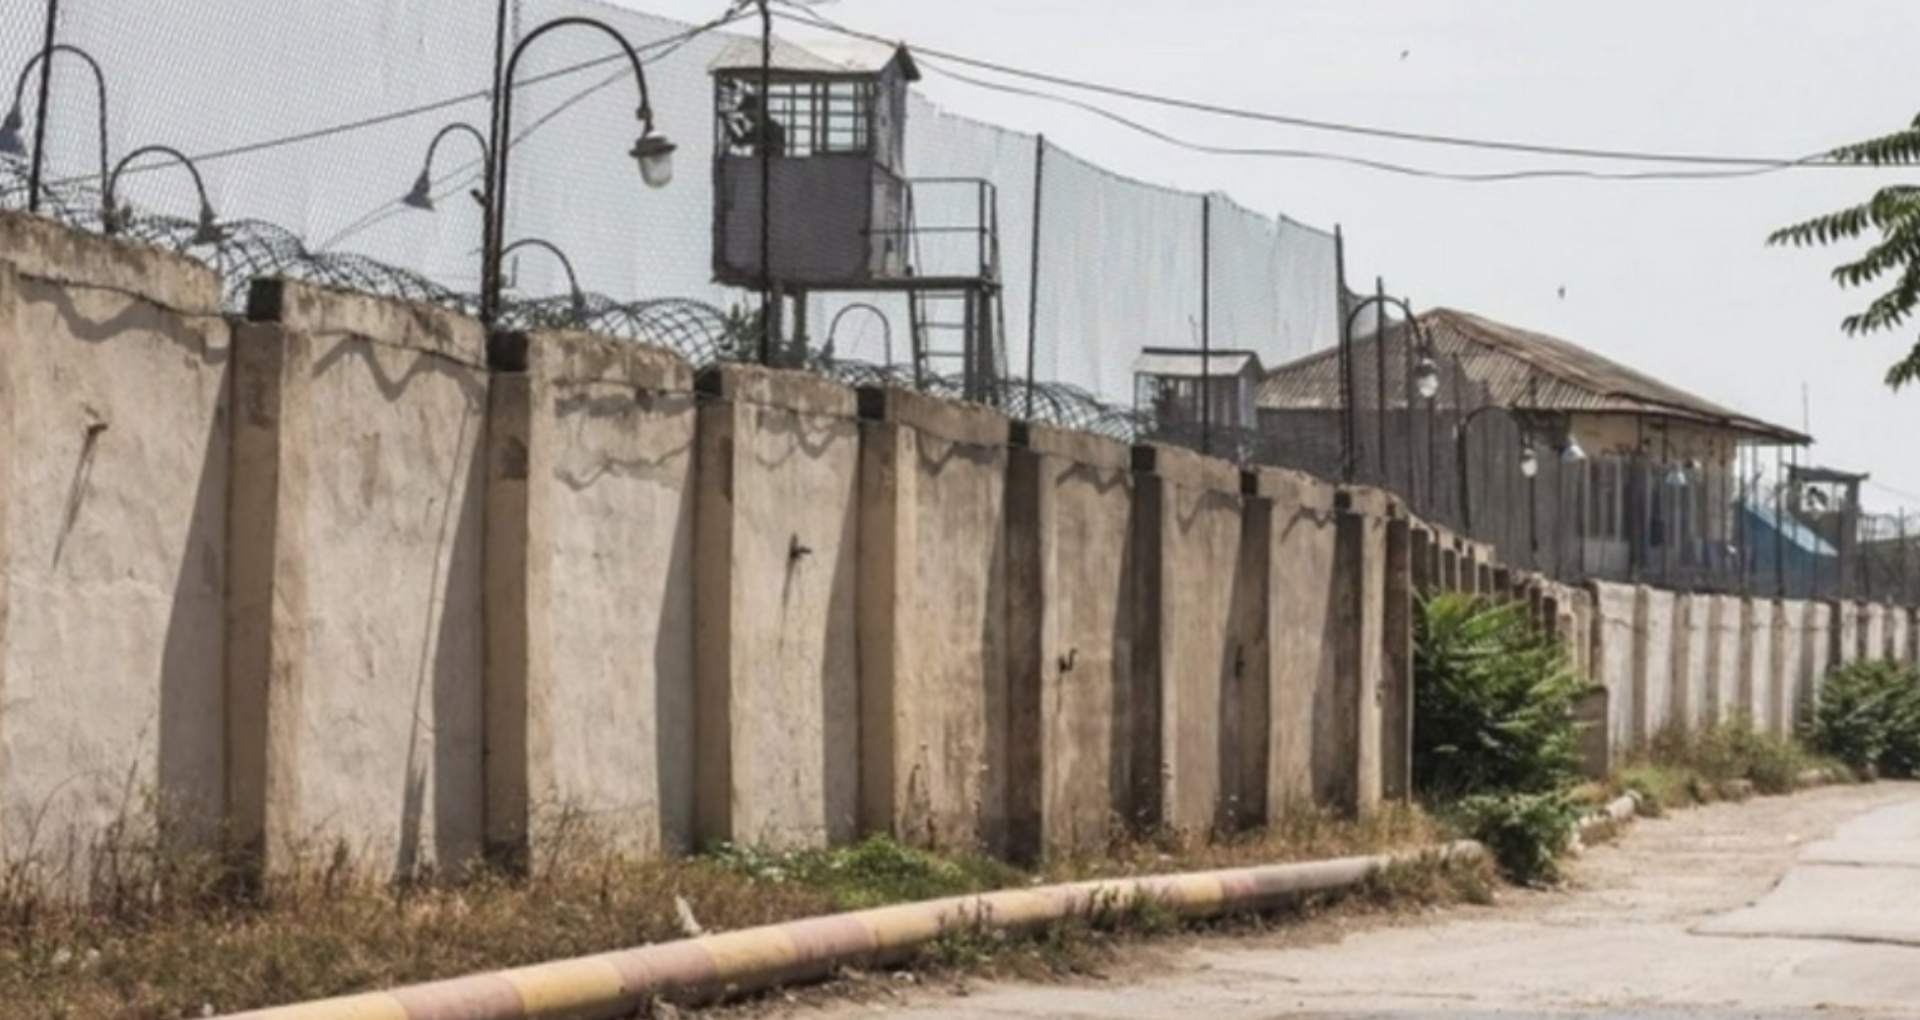 Autoritățile din Azerbaidjan au decis să ierte deținuții de peste 65 de ani